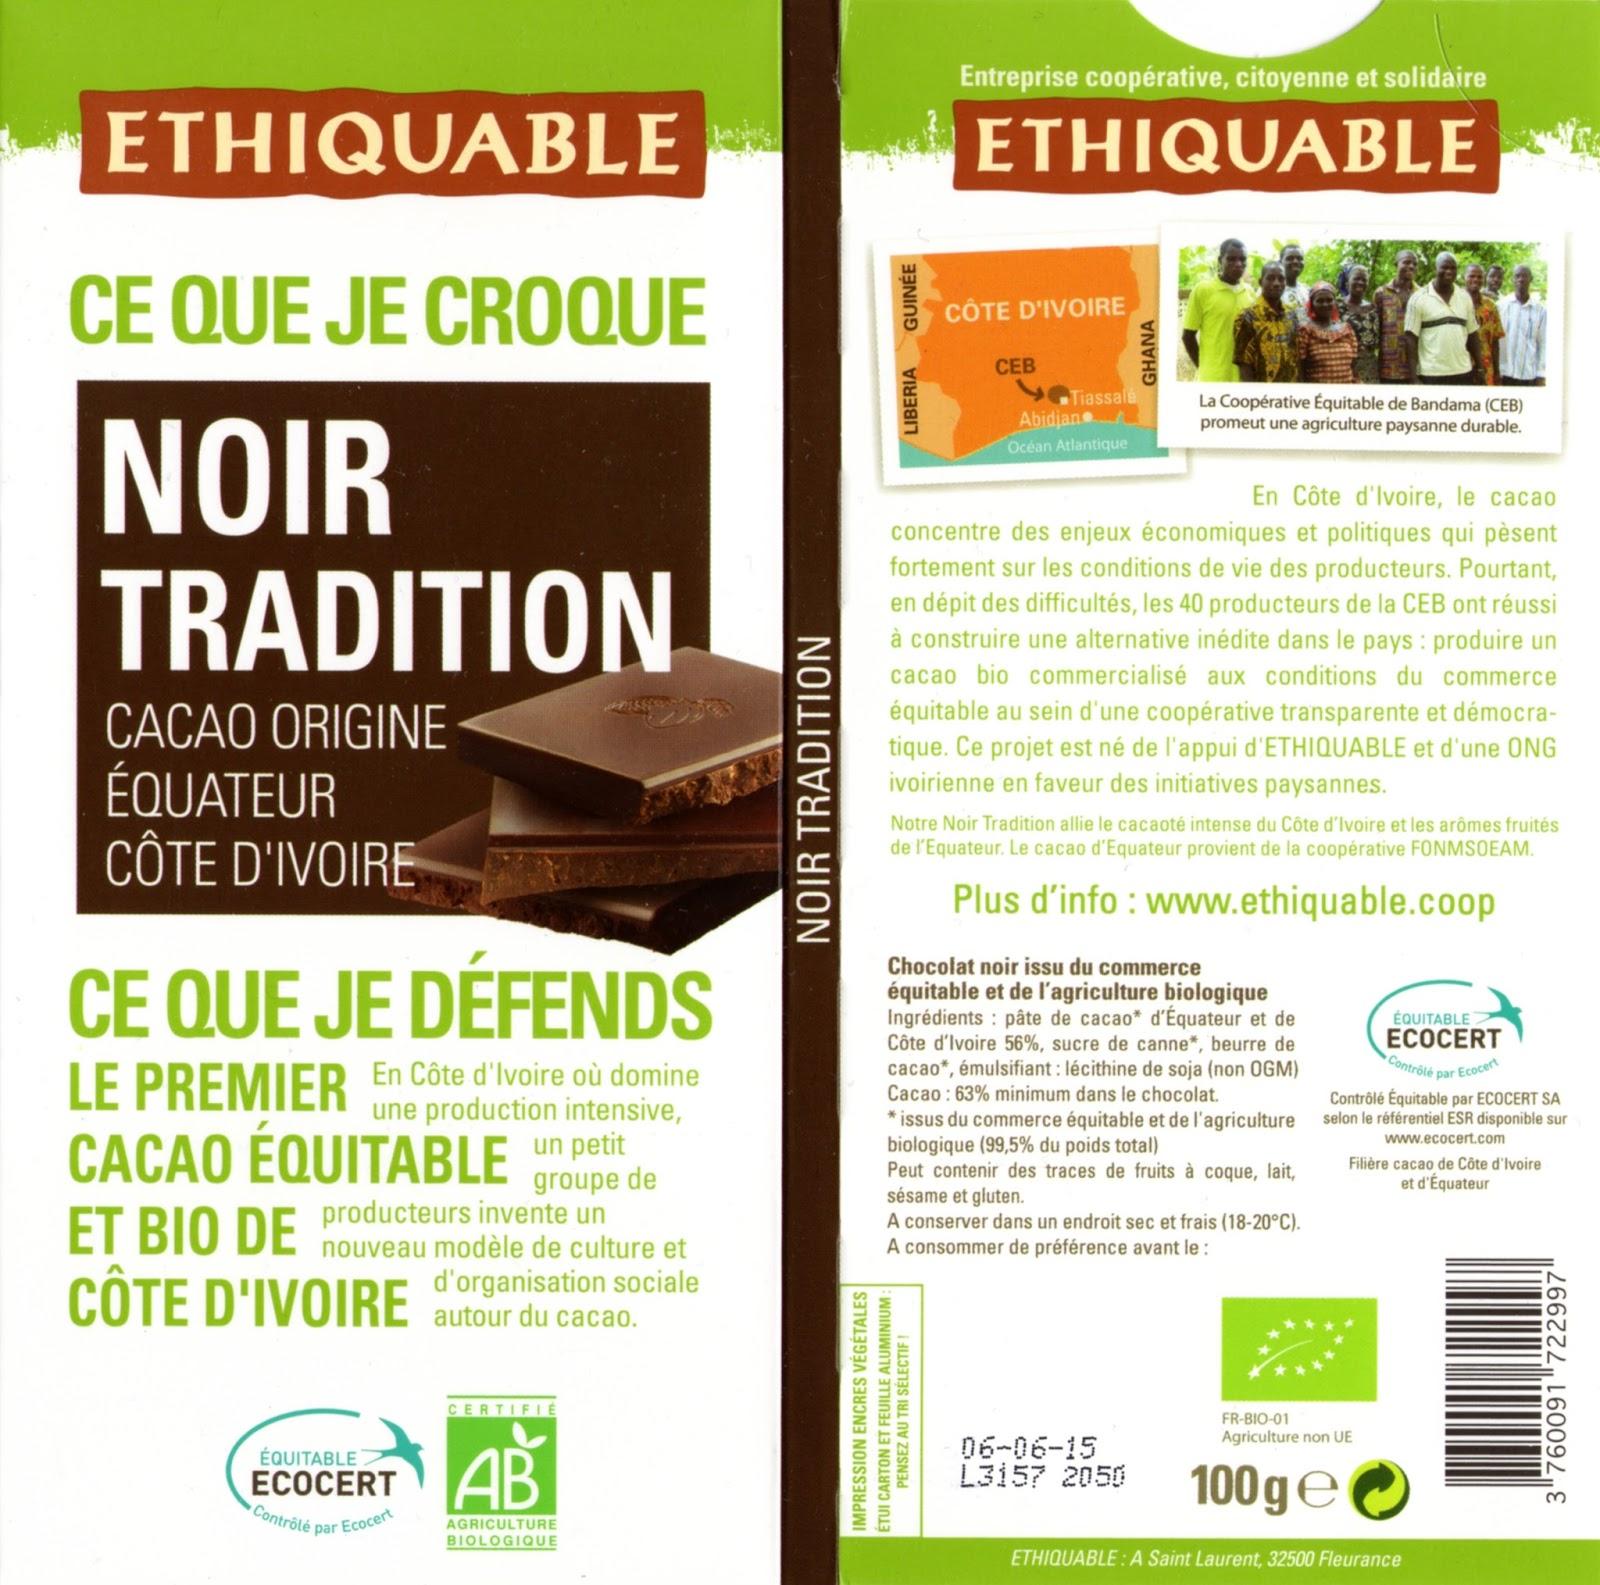 tablette de chocolat noir dégustation ethiquable equateur côte d'ivoire noir tradition 63